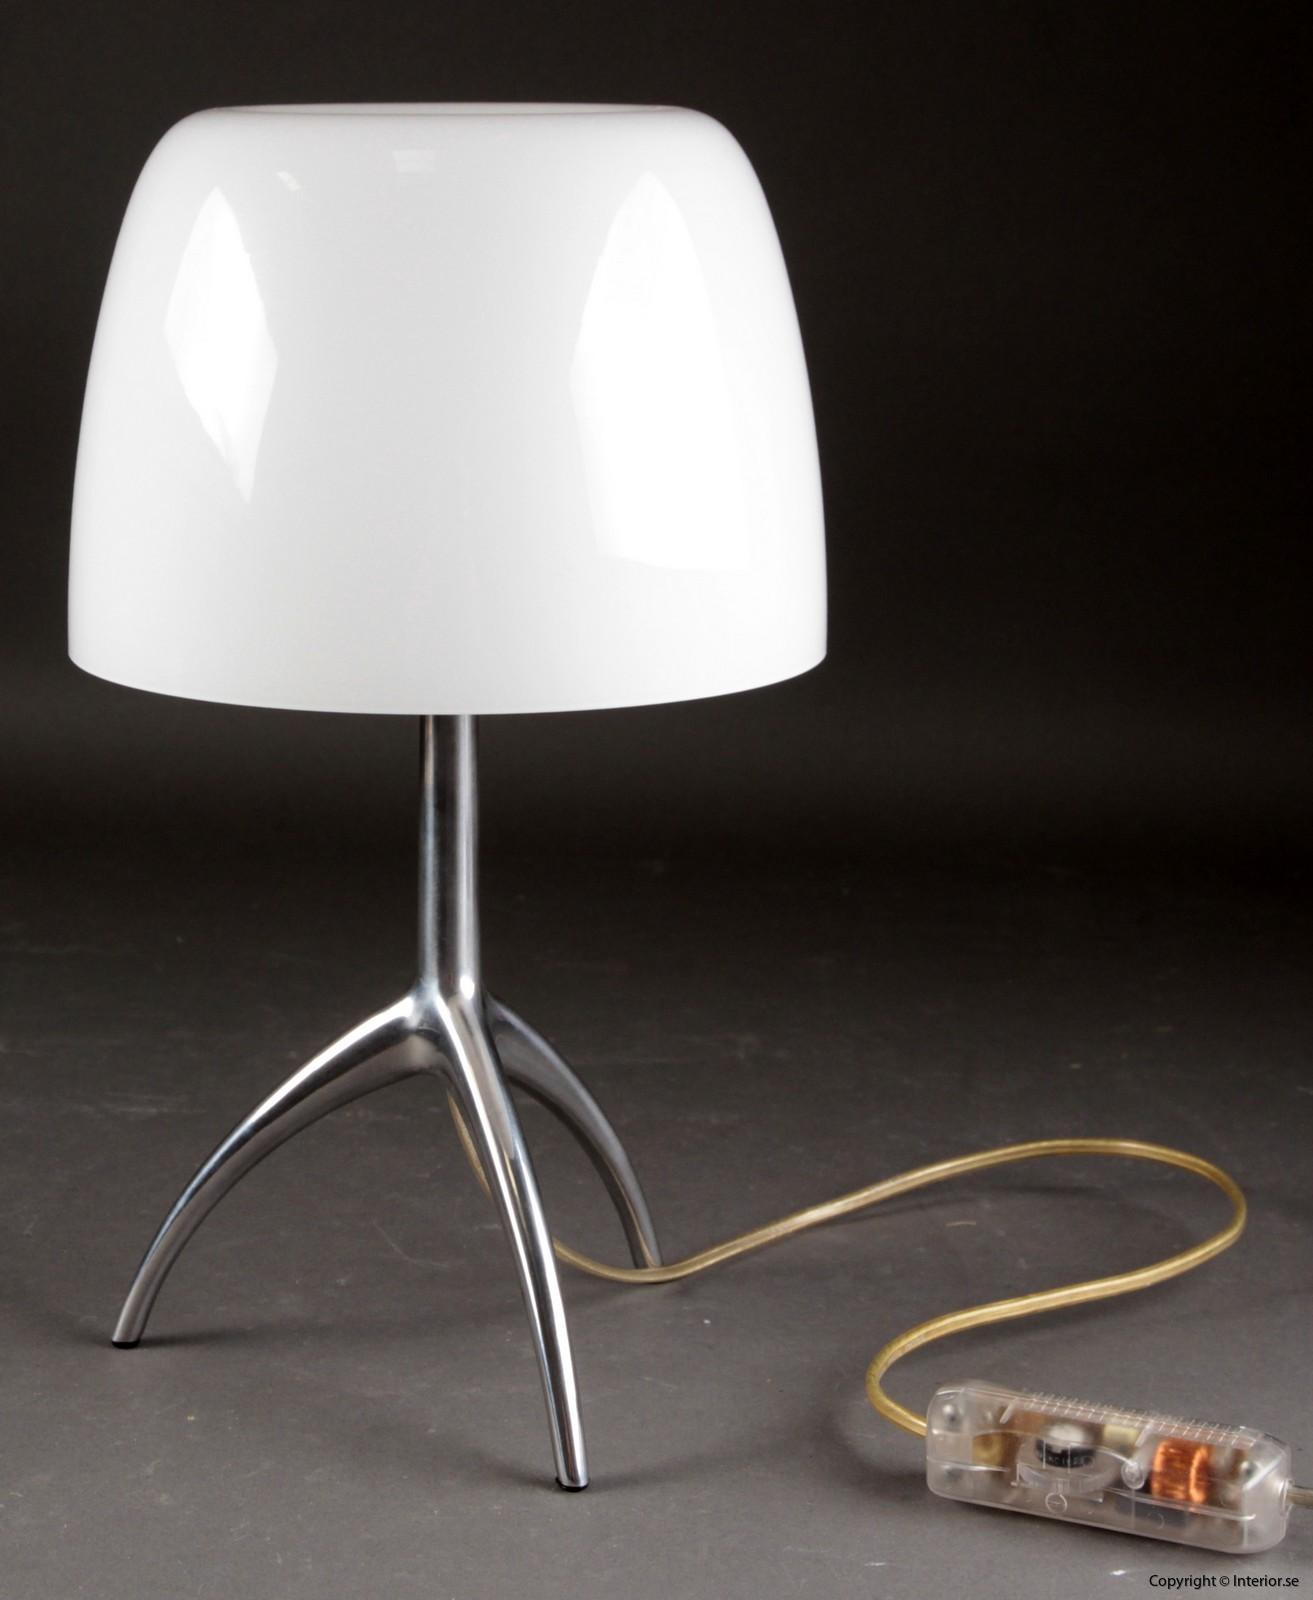 Bordslampa, Foscarini Lumiere 05 Piccola -  Rodolfo Dordoni  4